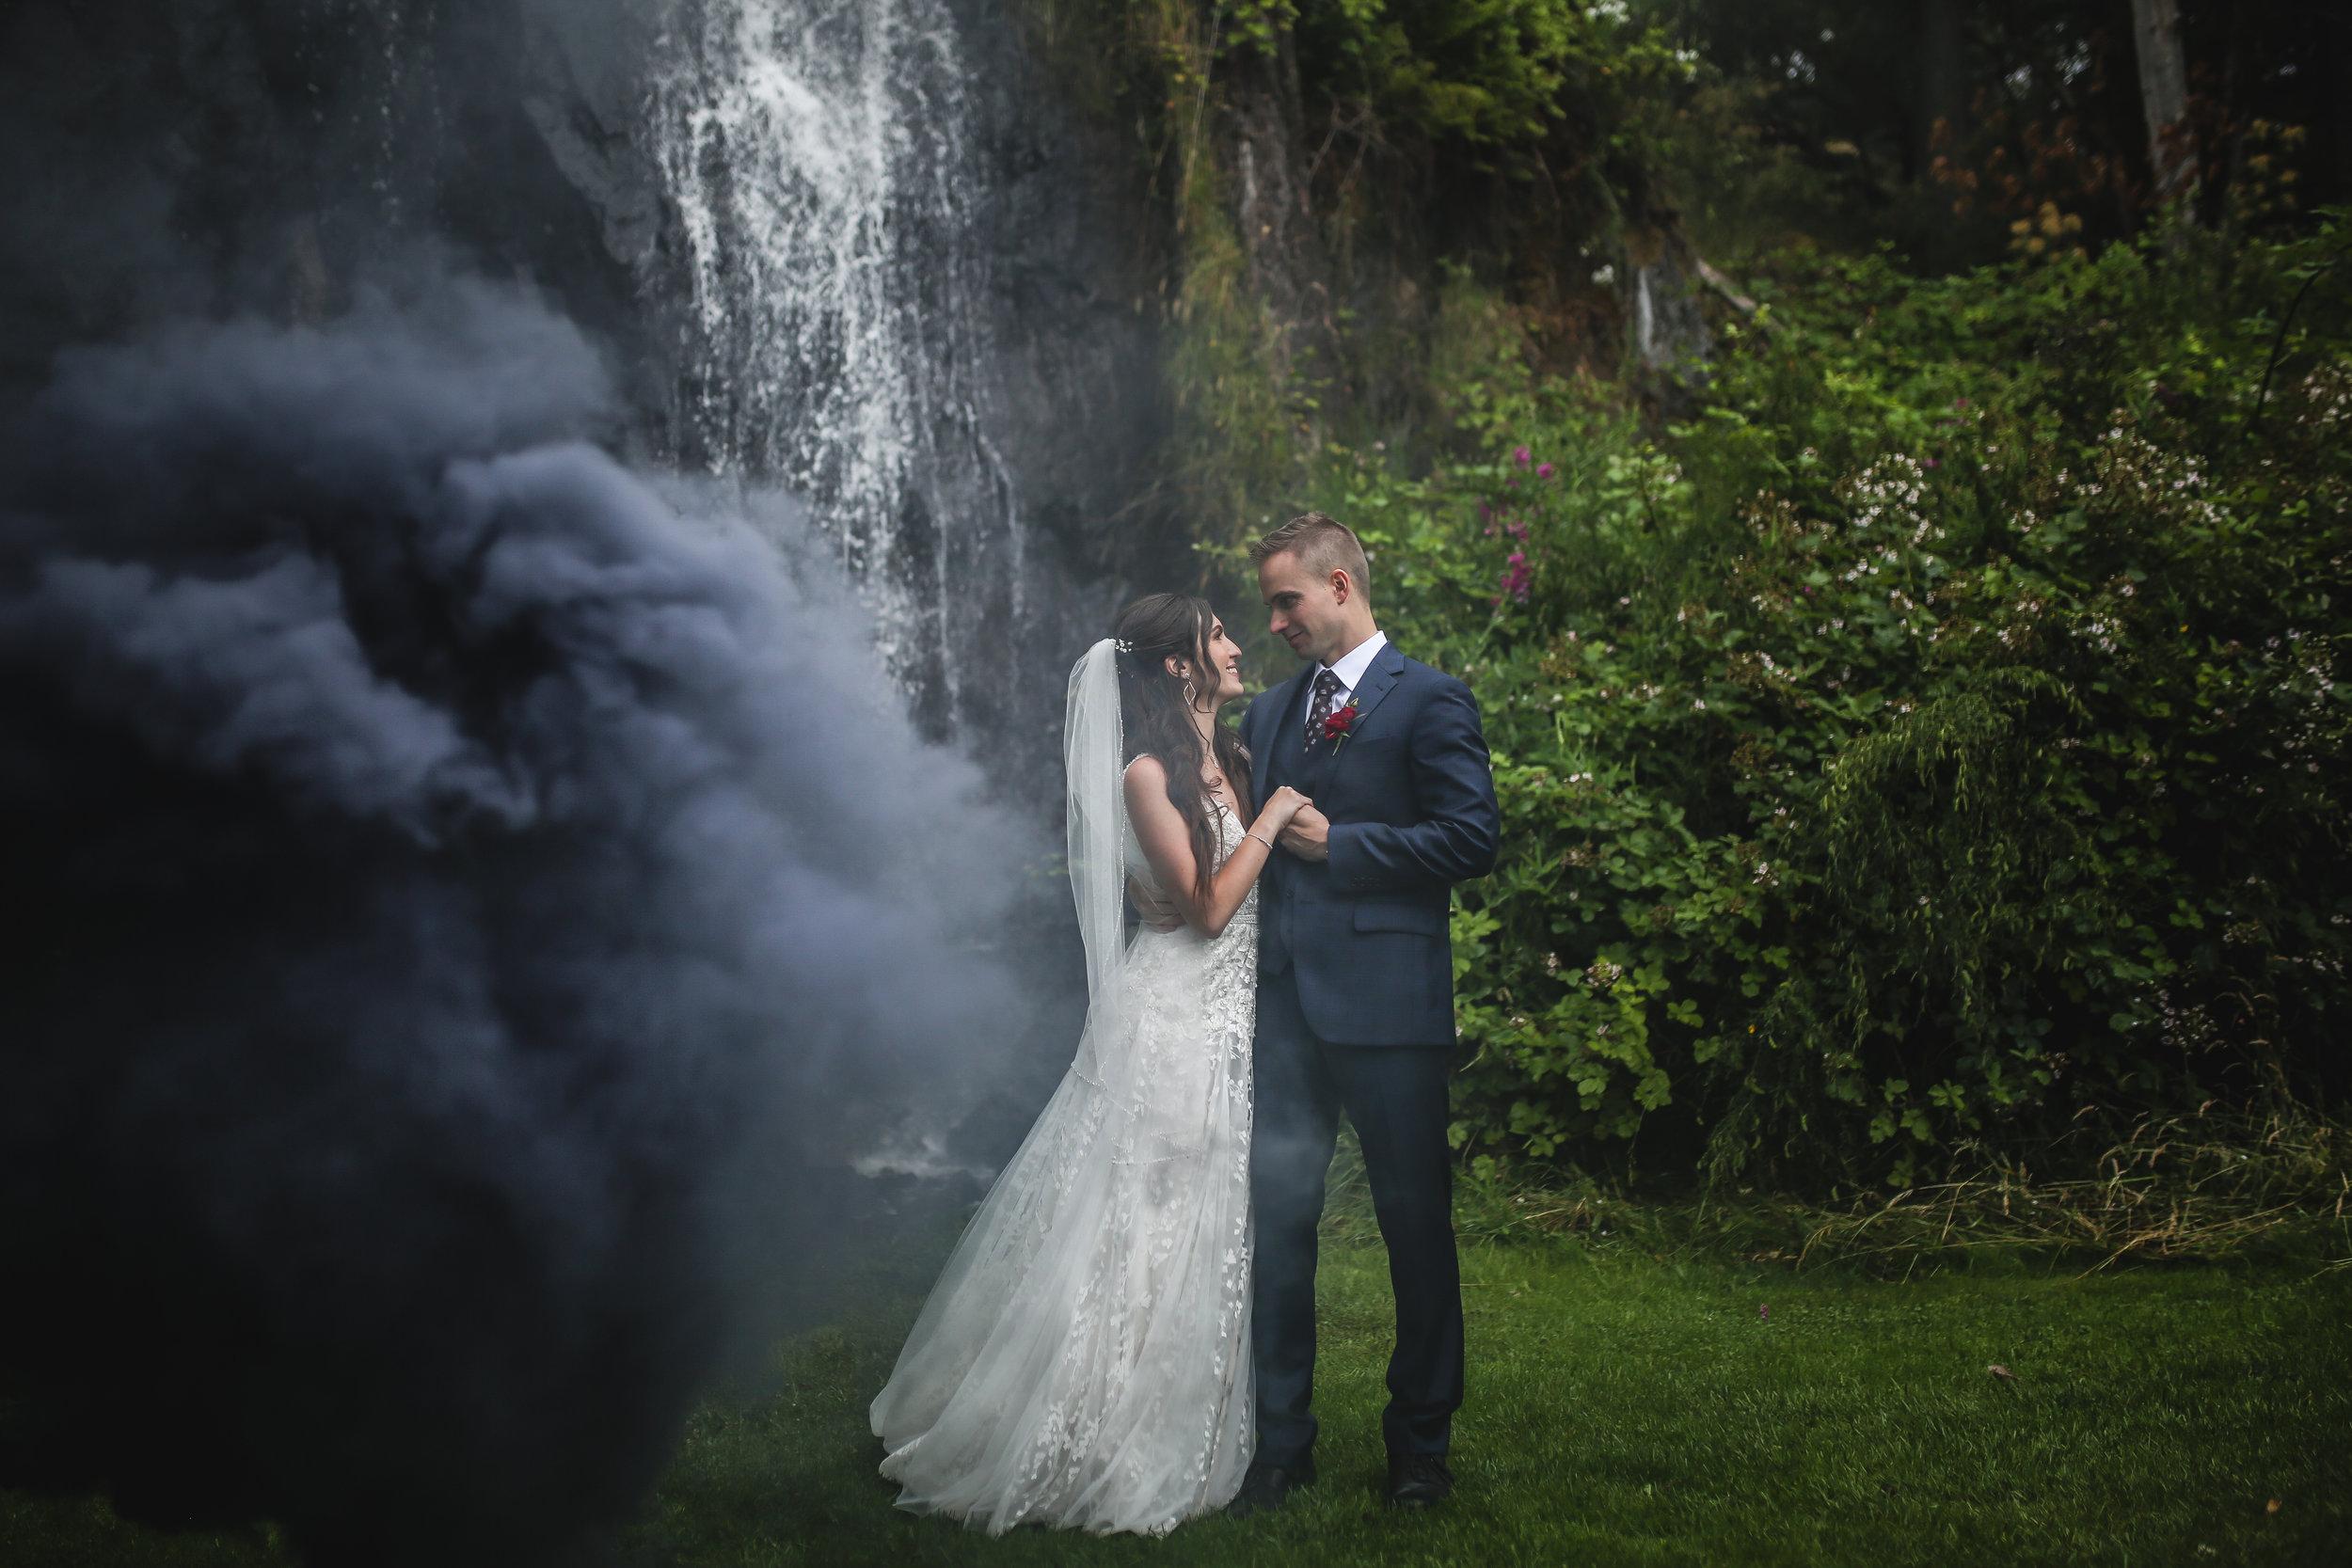 39 Adam Ziorio Photography - Allison & Austin's Wedding.jpg